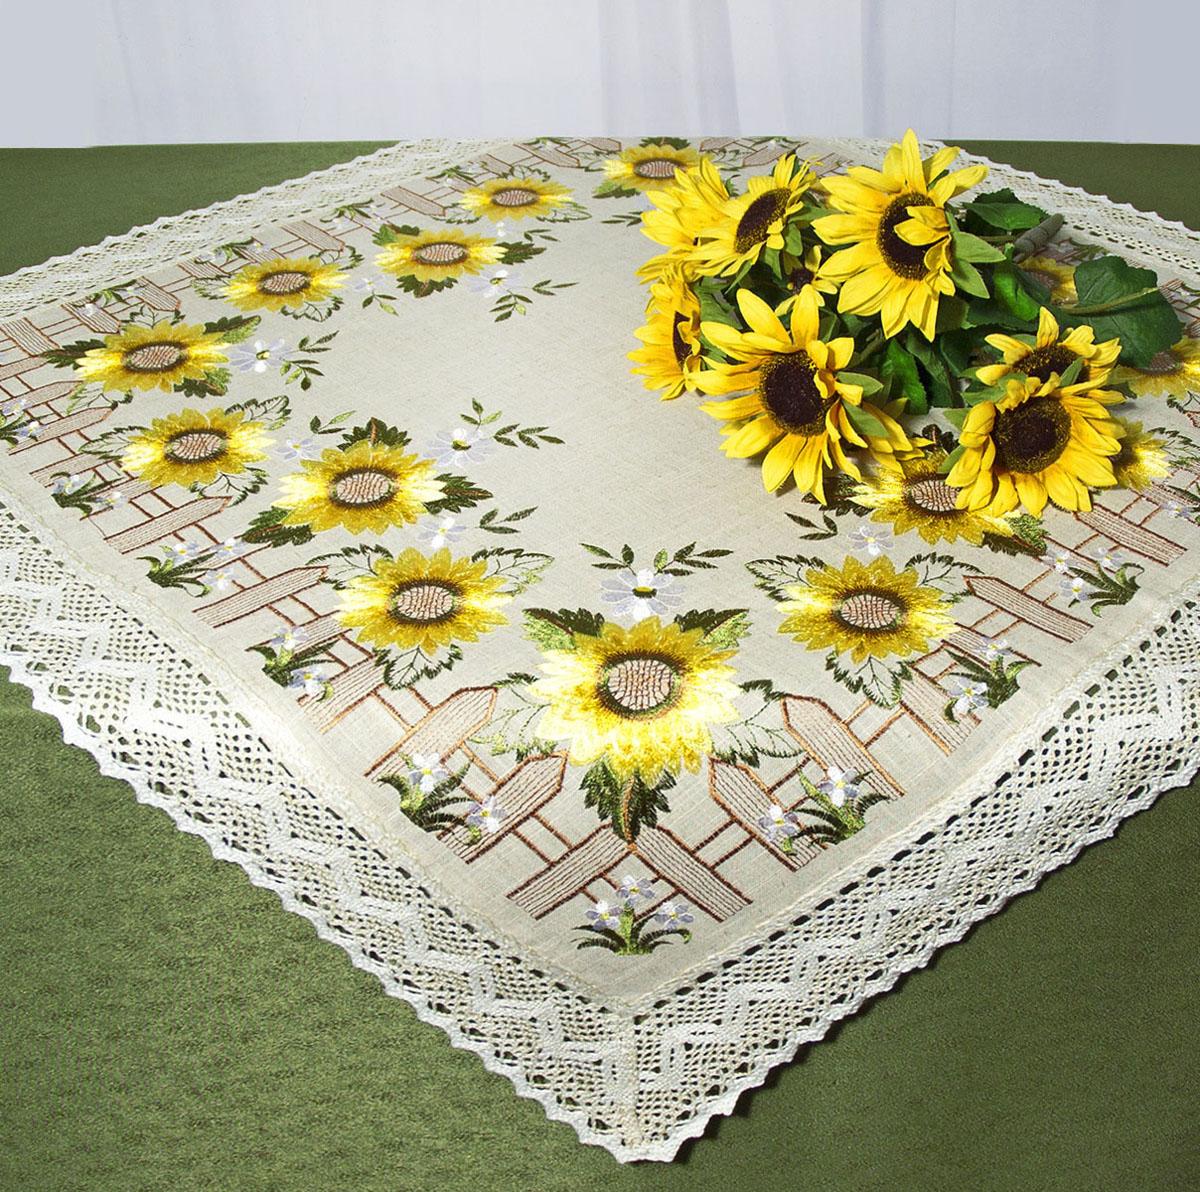 Скатерть Schaefer, квадратная, цвет: серый, желтый, 85x 85 см. 07493-10006614-100Скатерть Schaefer изготовлена из полиэстера и украшена цветочной вышивкой. Края изделия оформлены в технике ришелье.Изделия из полиэстера легко стирать: они не мнутся, не садятся и быстро сохнут, они более долговечны, чем изделия из натуральных волокон. Кроме того, ткань обладает водоотталкивающими свойствами. Такая скатерть будет просто не заменима на кухне, а особенно на вашем обеденном столе на даче под открытым небом. Скатерть Schaefer не останется без внимания ваших гостей, а вас будет ежедневно радовать ярким дизайном и несравненным качеством.Немецкая компания Schaefer создана в 1921 году. На протяжении всего времени существования она создает уникальные коллекции домашнего текстиля для гостиных, спален, кухонь и ванных комнат. Дизайнерские идеи немецких художников компании Schaefer воплощаются в текстильных изделиях, которые сделают ваш дом красивее и уютнее и не останутся незамеченными вашими гостями. Дарите себе и близким красоту каждый день! Изысканный текстиль от немецкой компании Schaefer - это красота, стиль и уют в вашем доме.